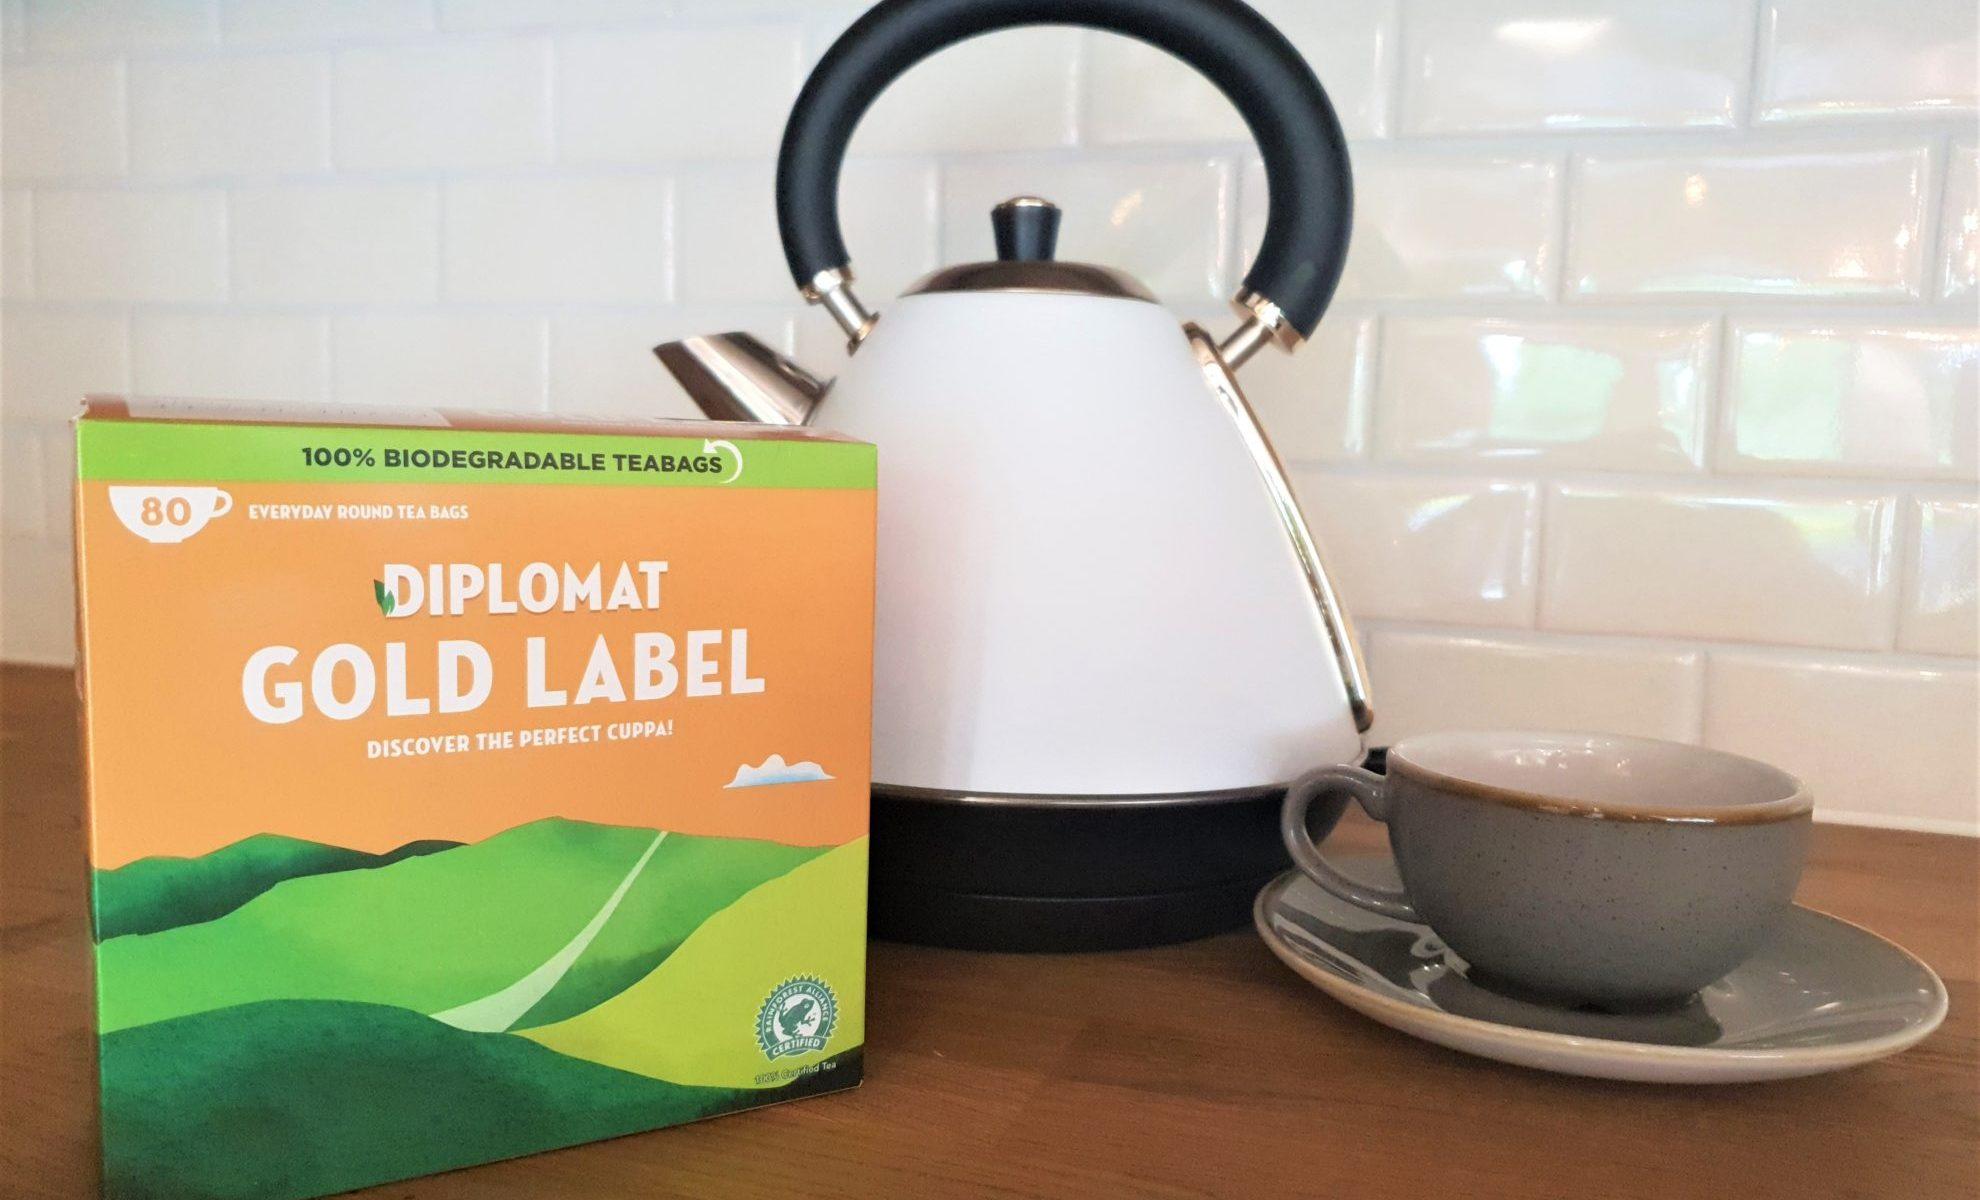 aldi tea bags